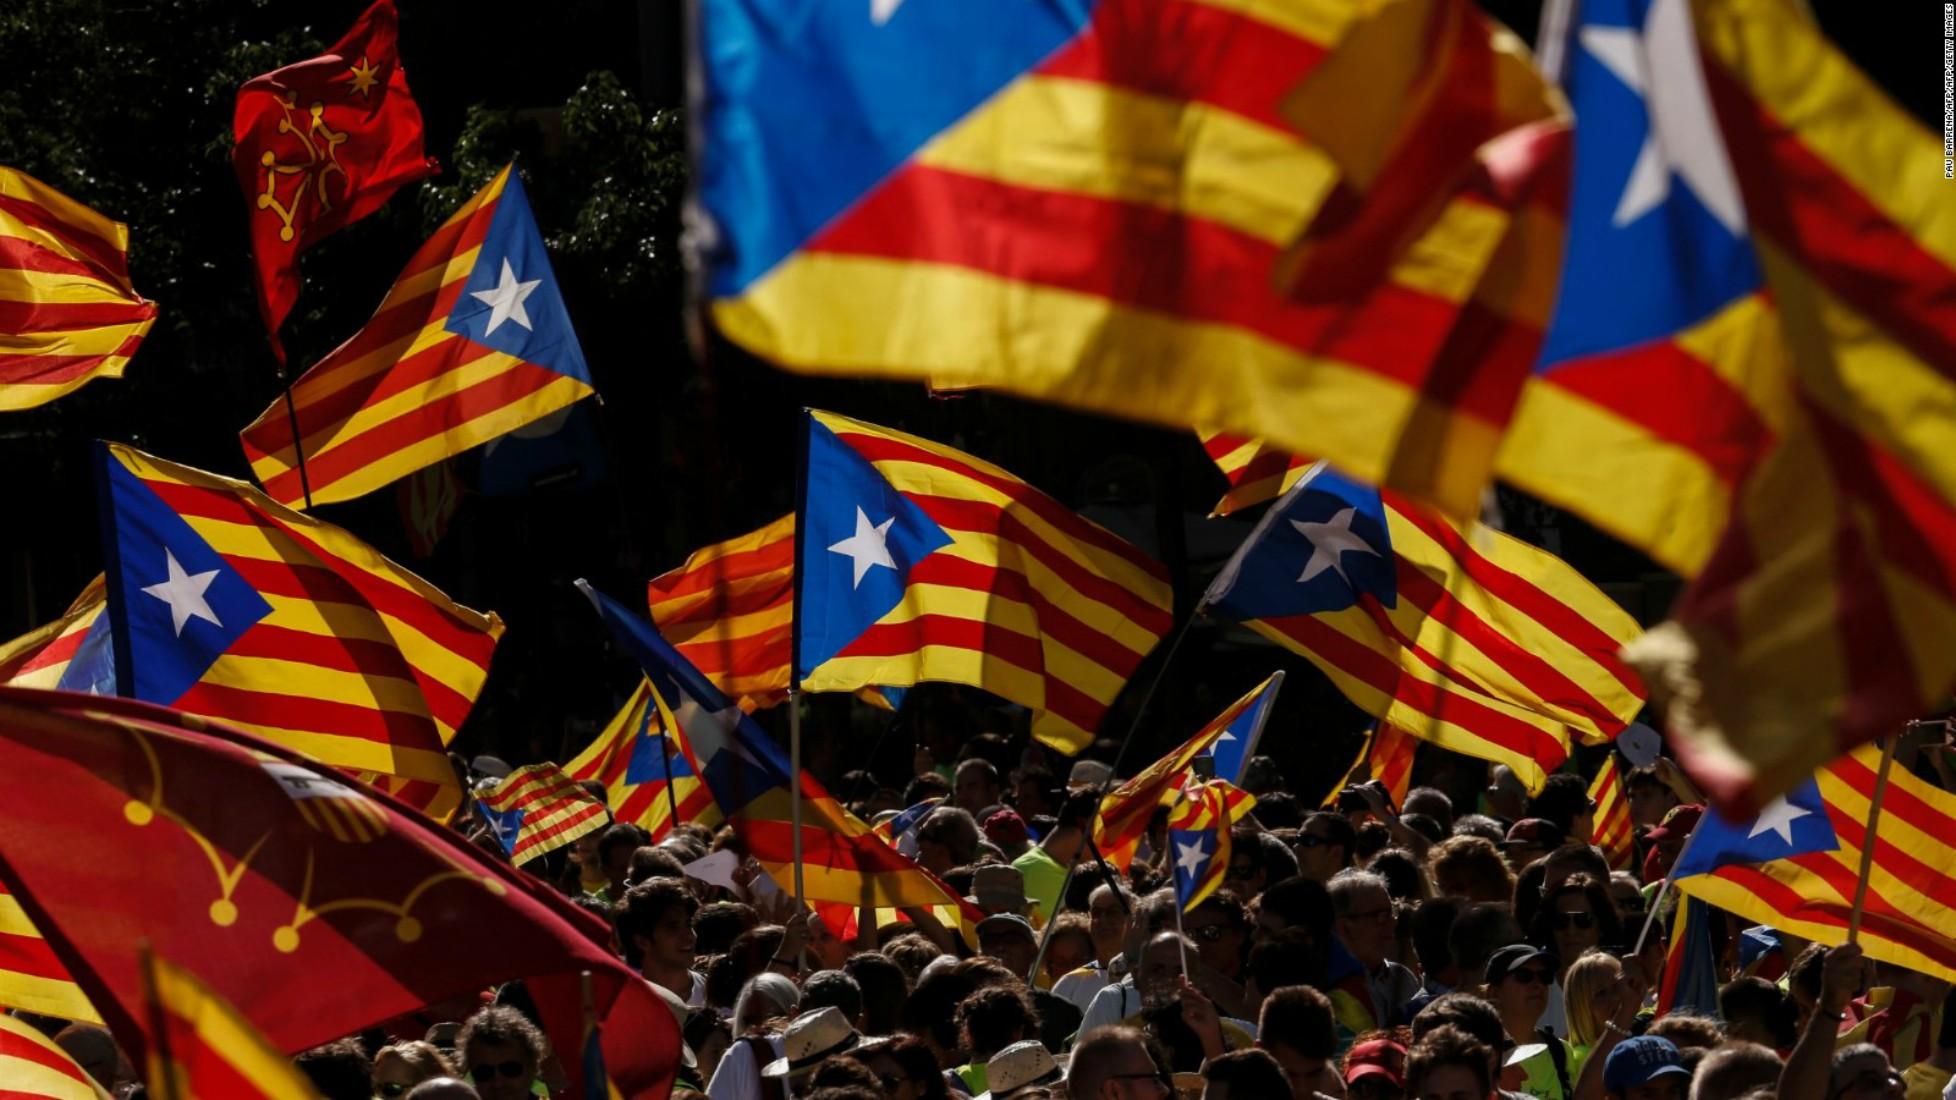 SLS prva pozvala k priznanju neodvisnosti Katalonije